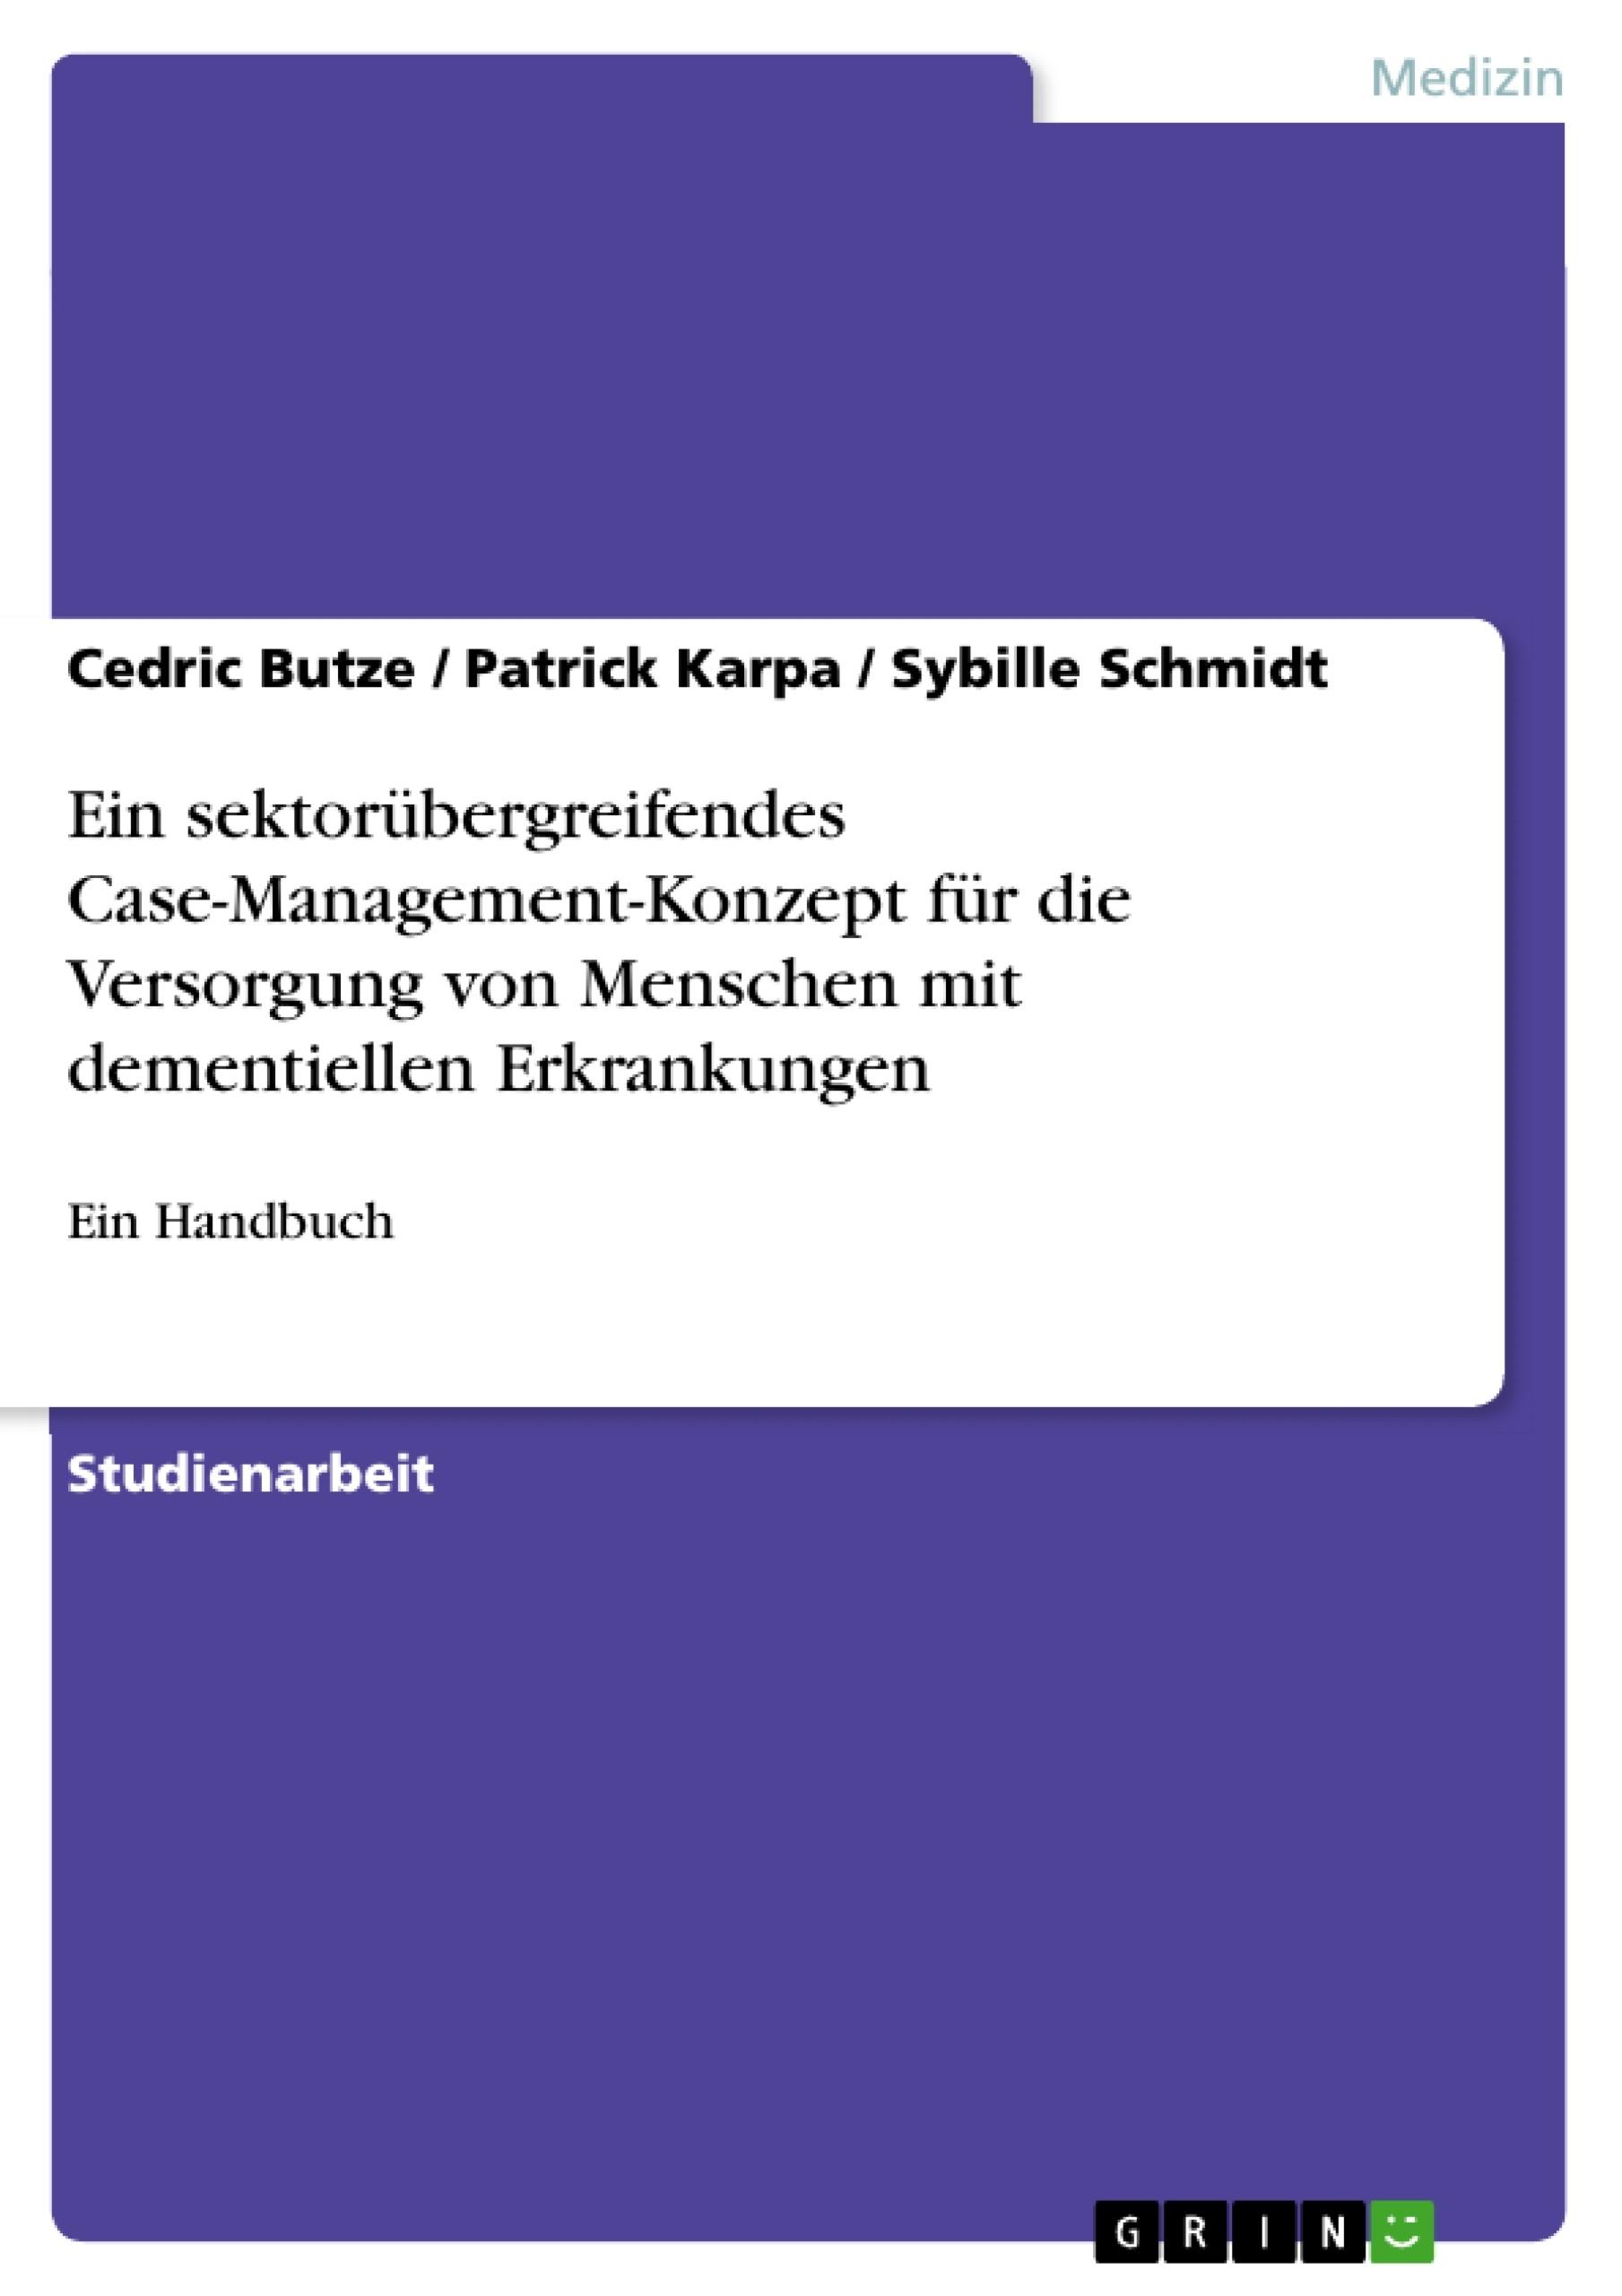 Titel: Ein sektorübergreifendes Case-Management-Konzept für die Versorgung von Menschen mit dementiellen Erkrankungen